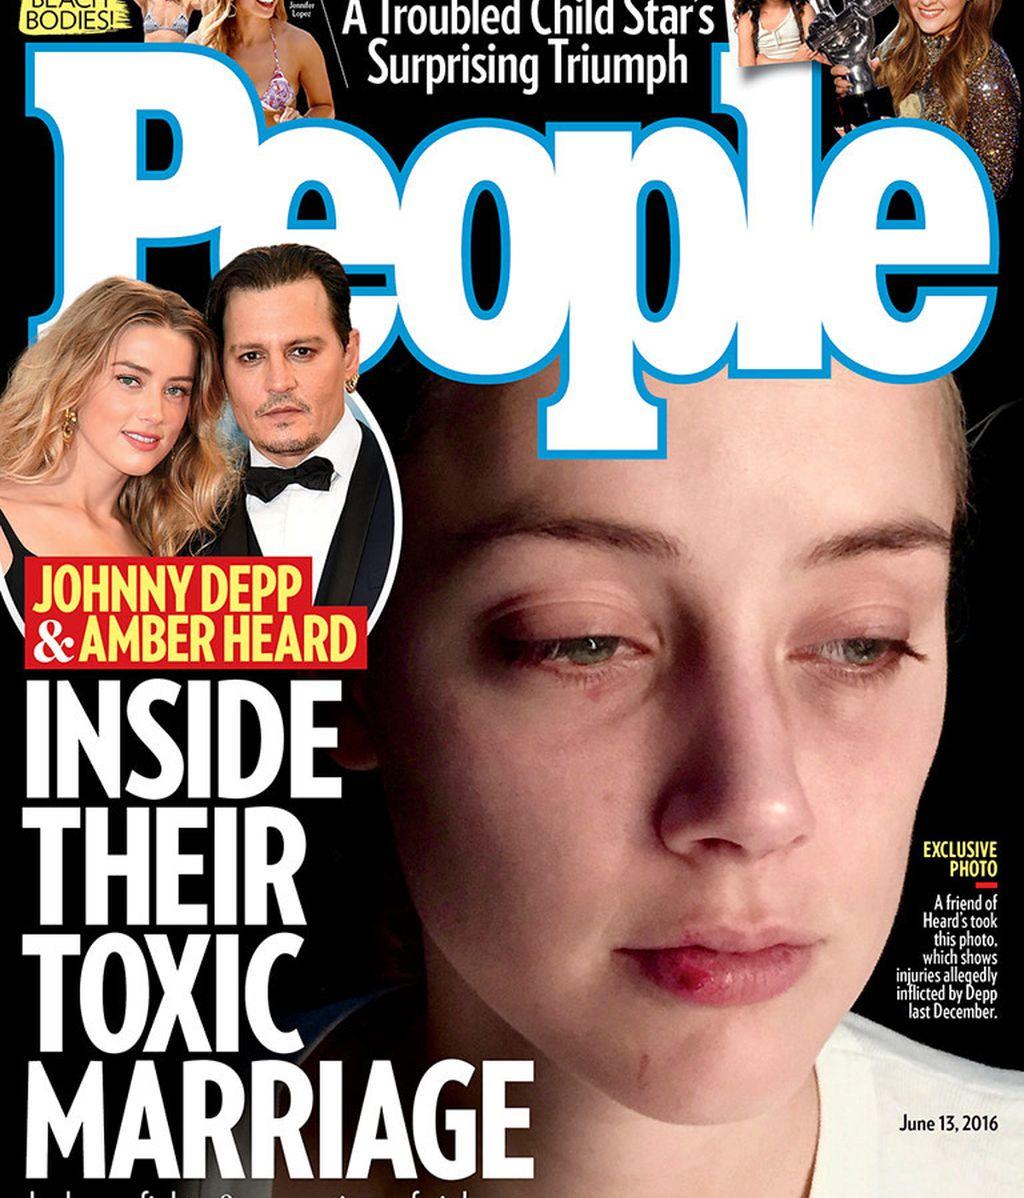 La portada de la revista 'People' recoge las fotografías del rostro magullado de Amber Heard